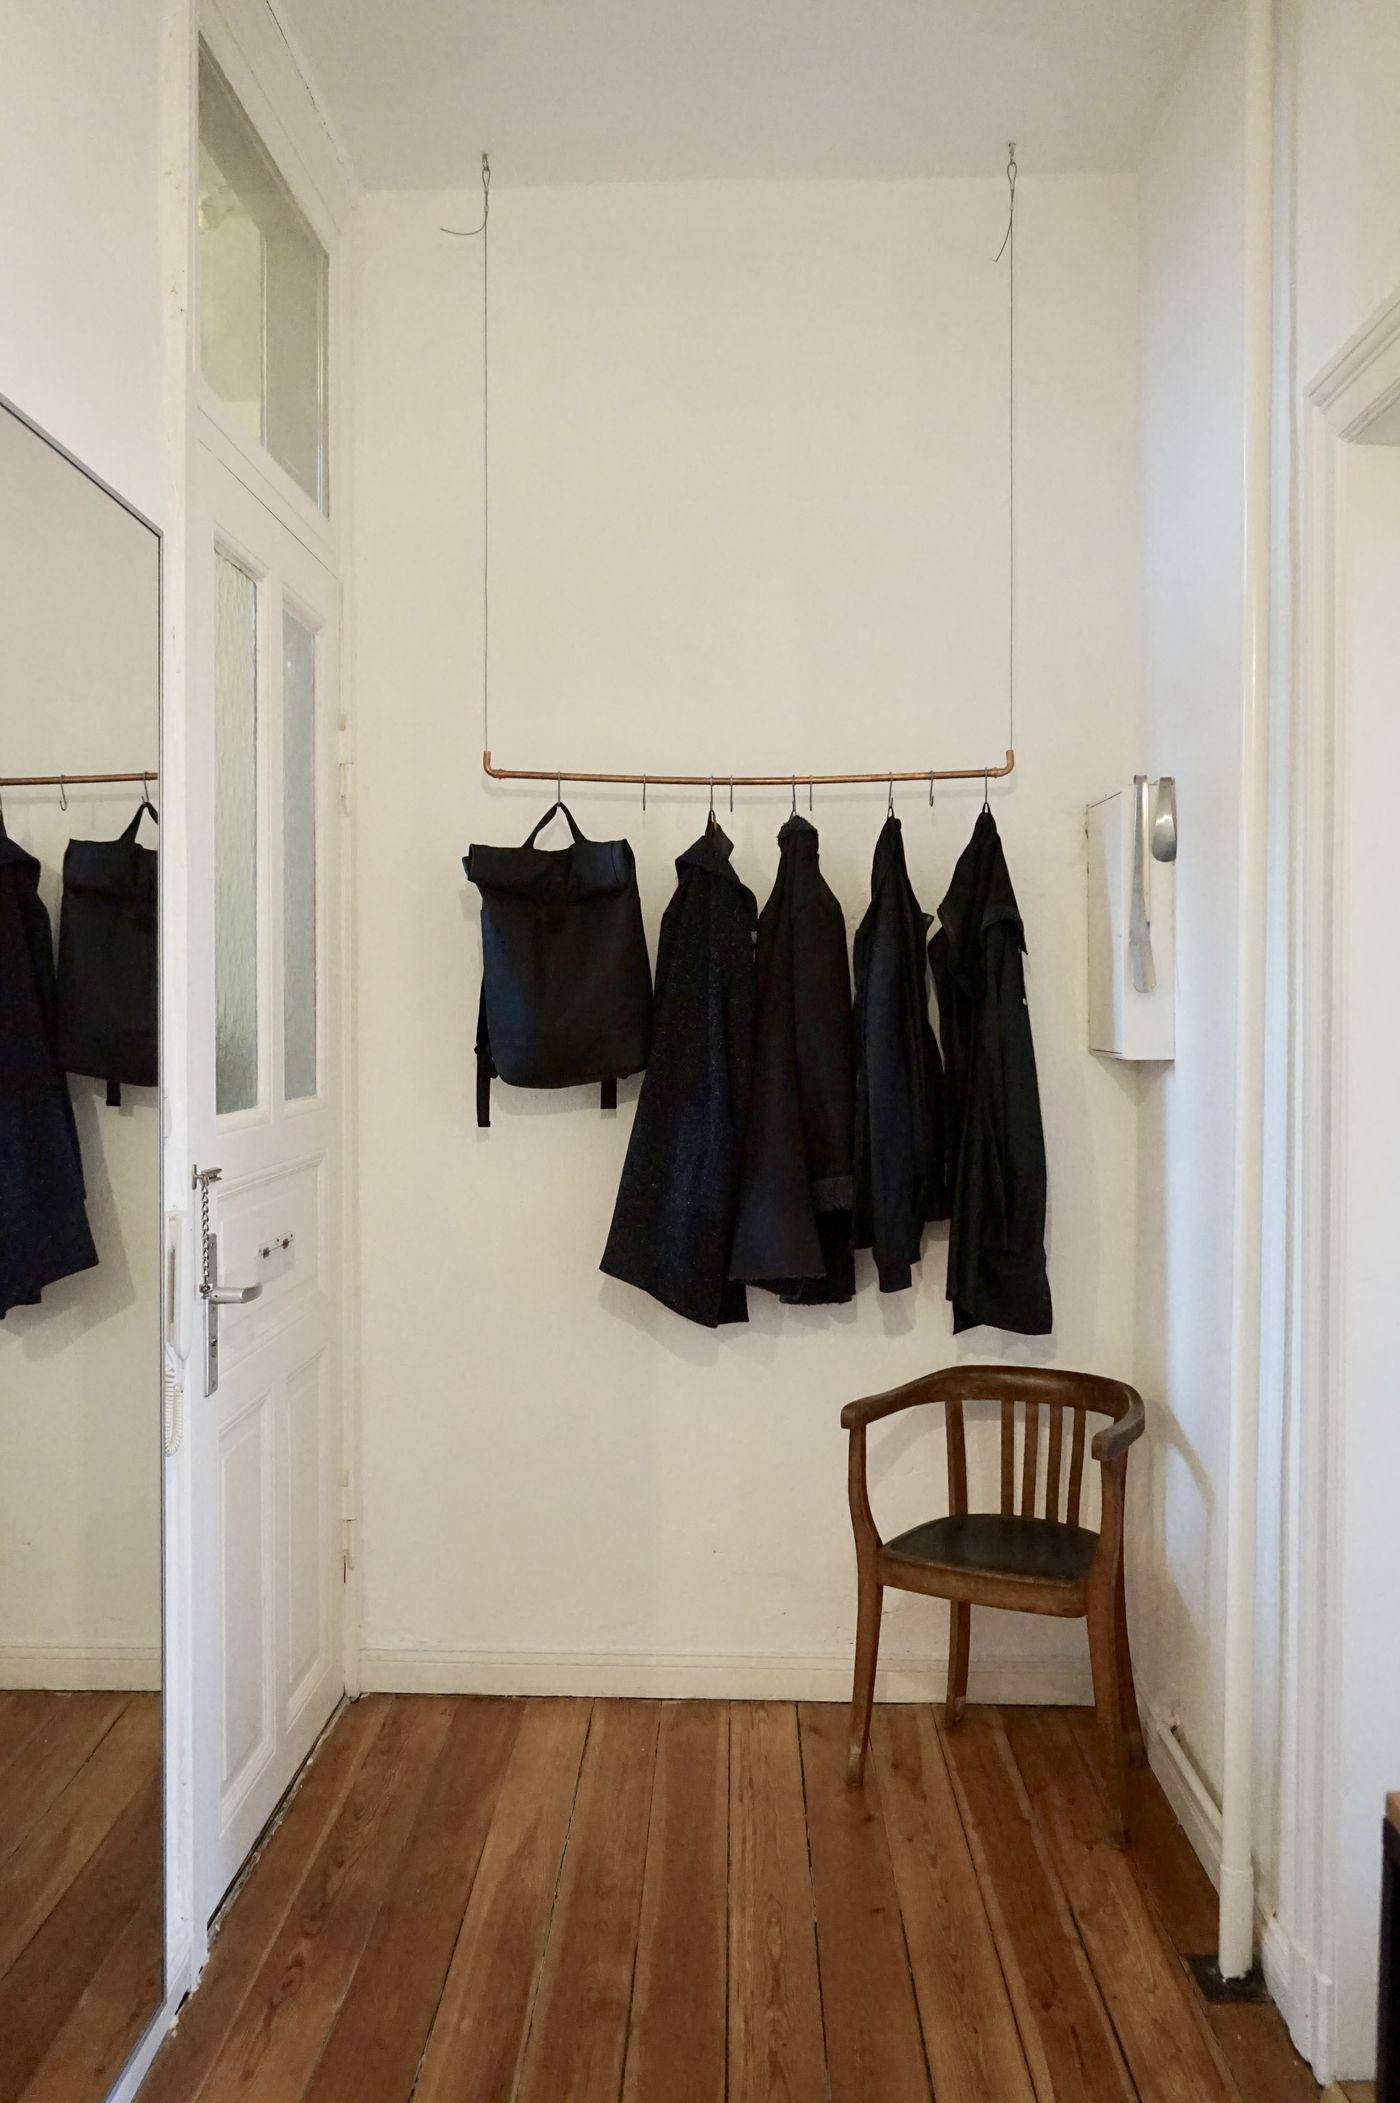 garderoben selber bauen die besten ideen und diy tipps seite 2. Black Bedroom Furniture Sets. Home Design Ideas